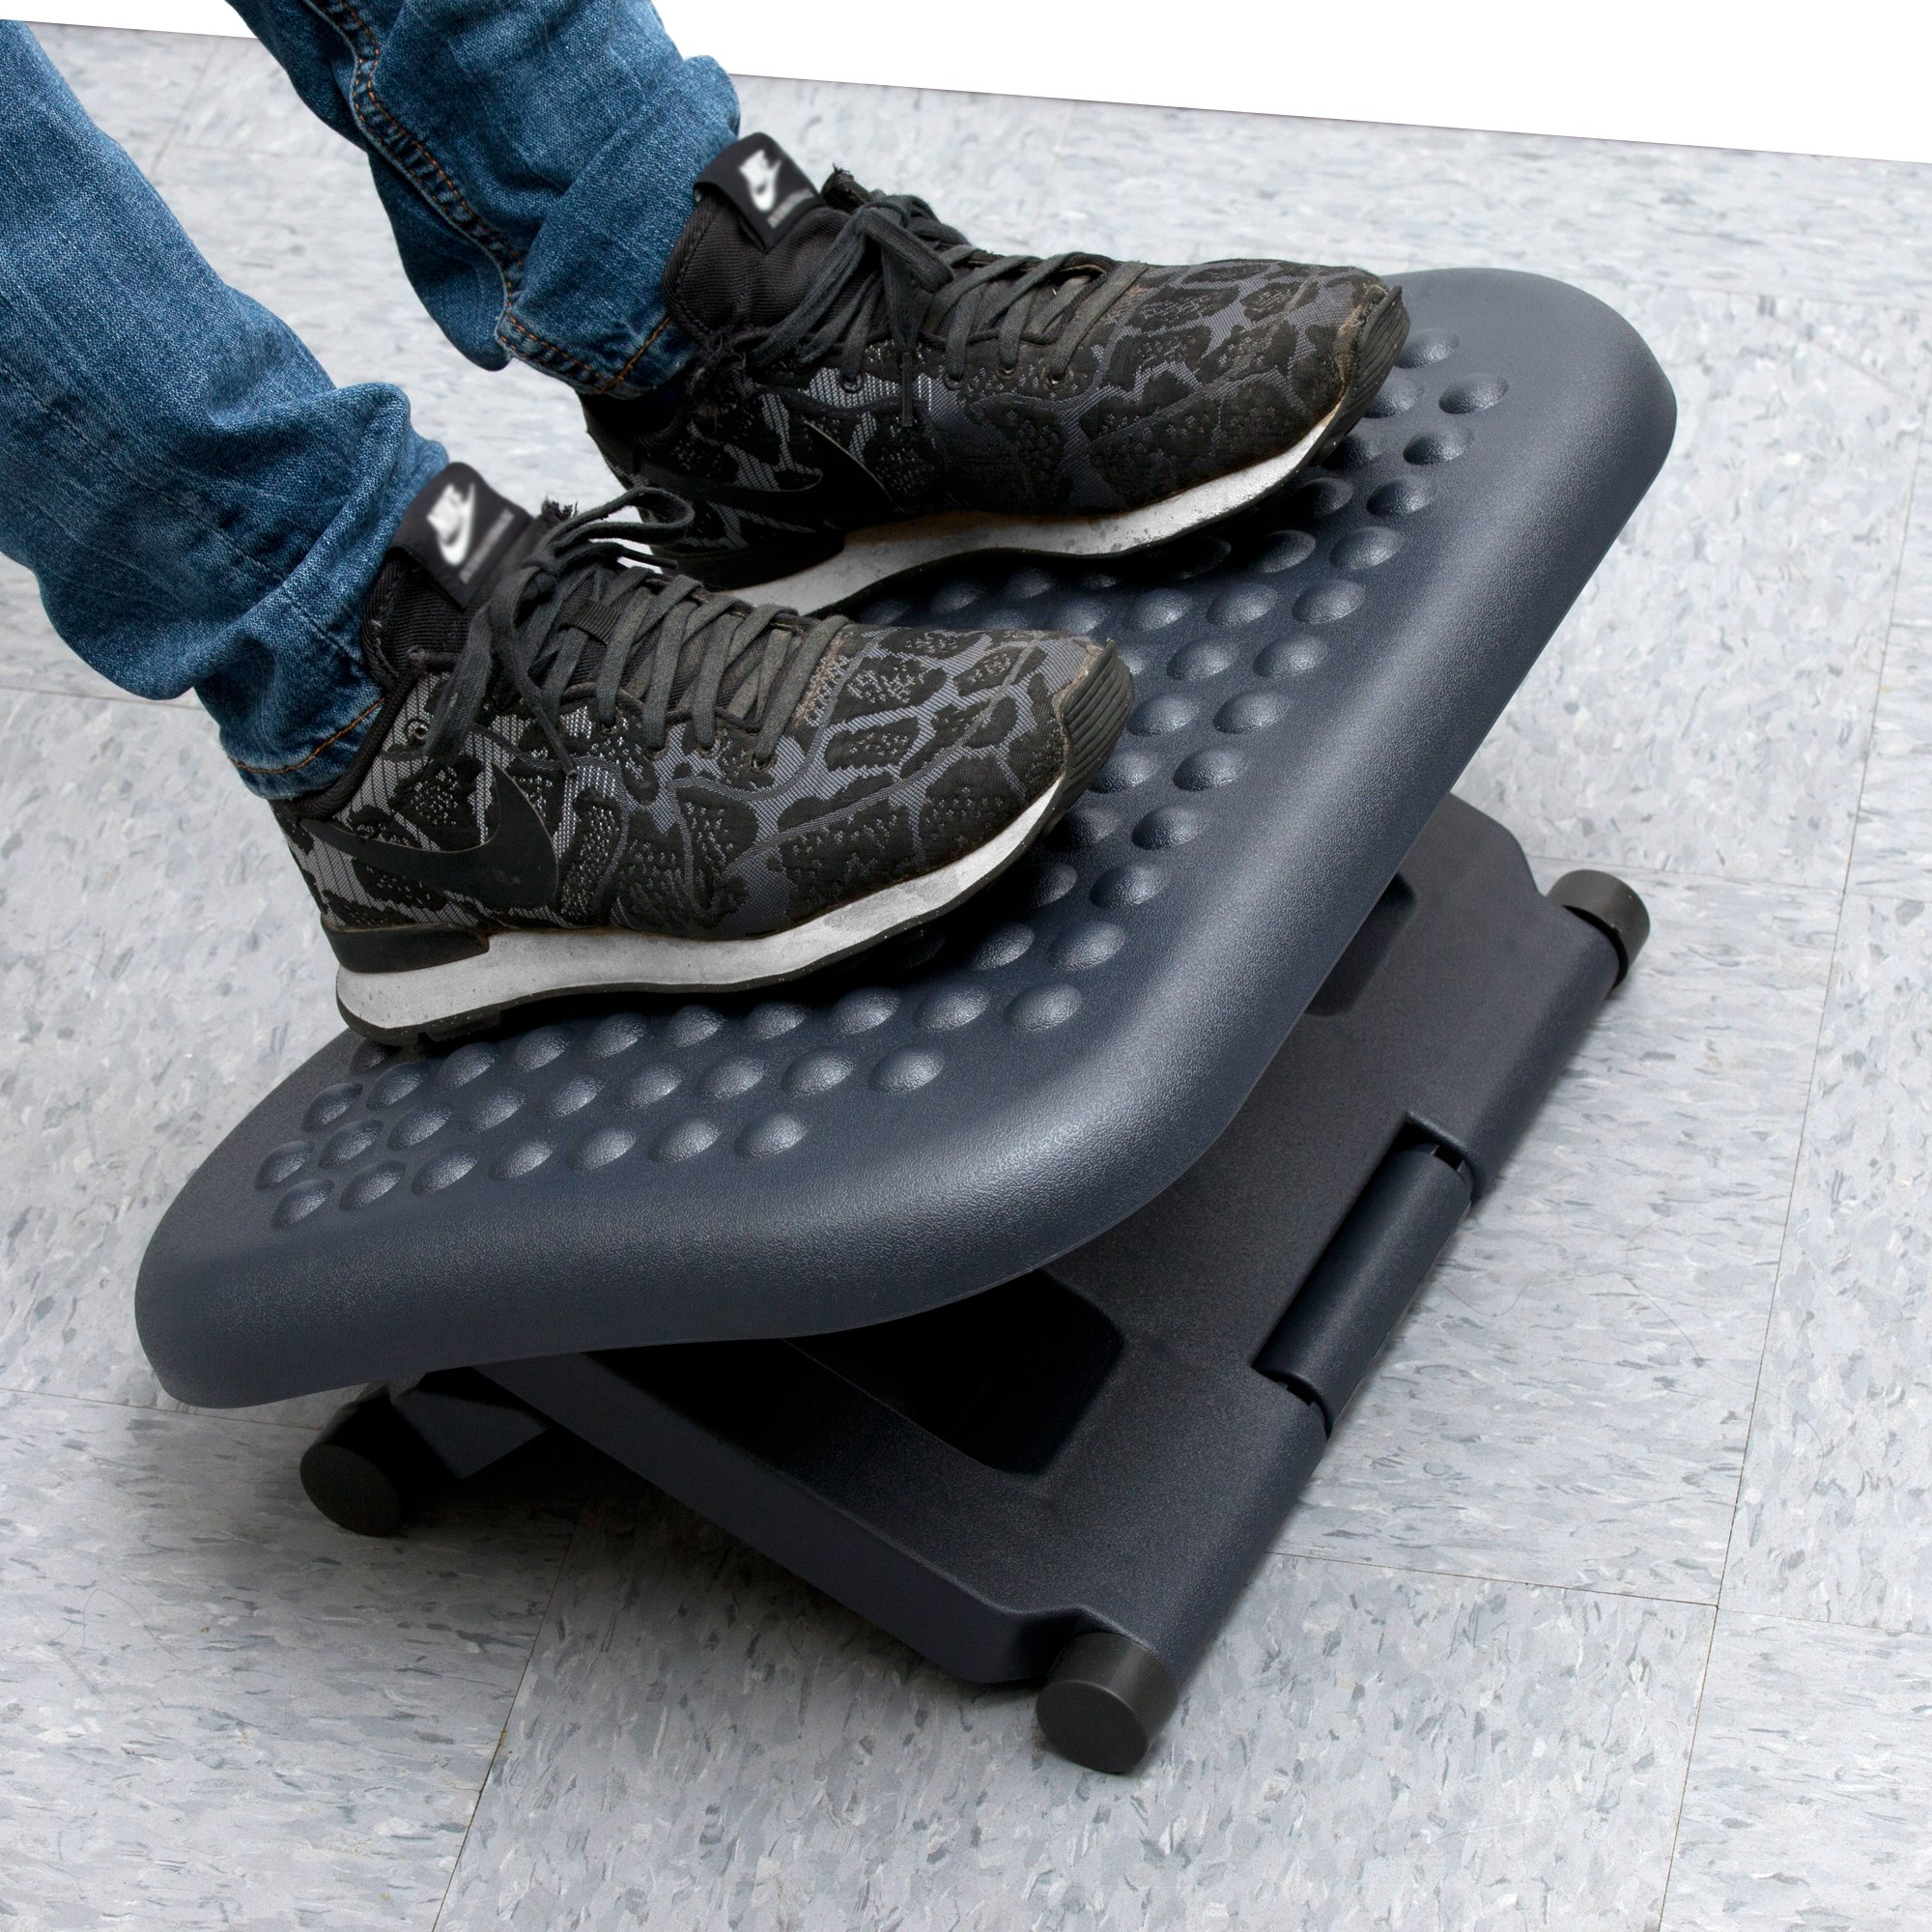 Mind Reader LEGUP-BLK Adjustable Height Ergonomic Foot Rest, Black,